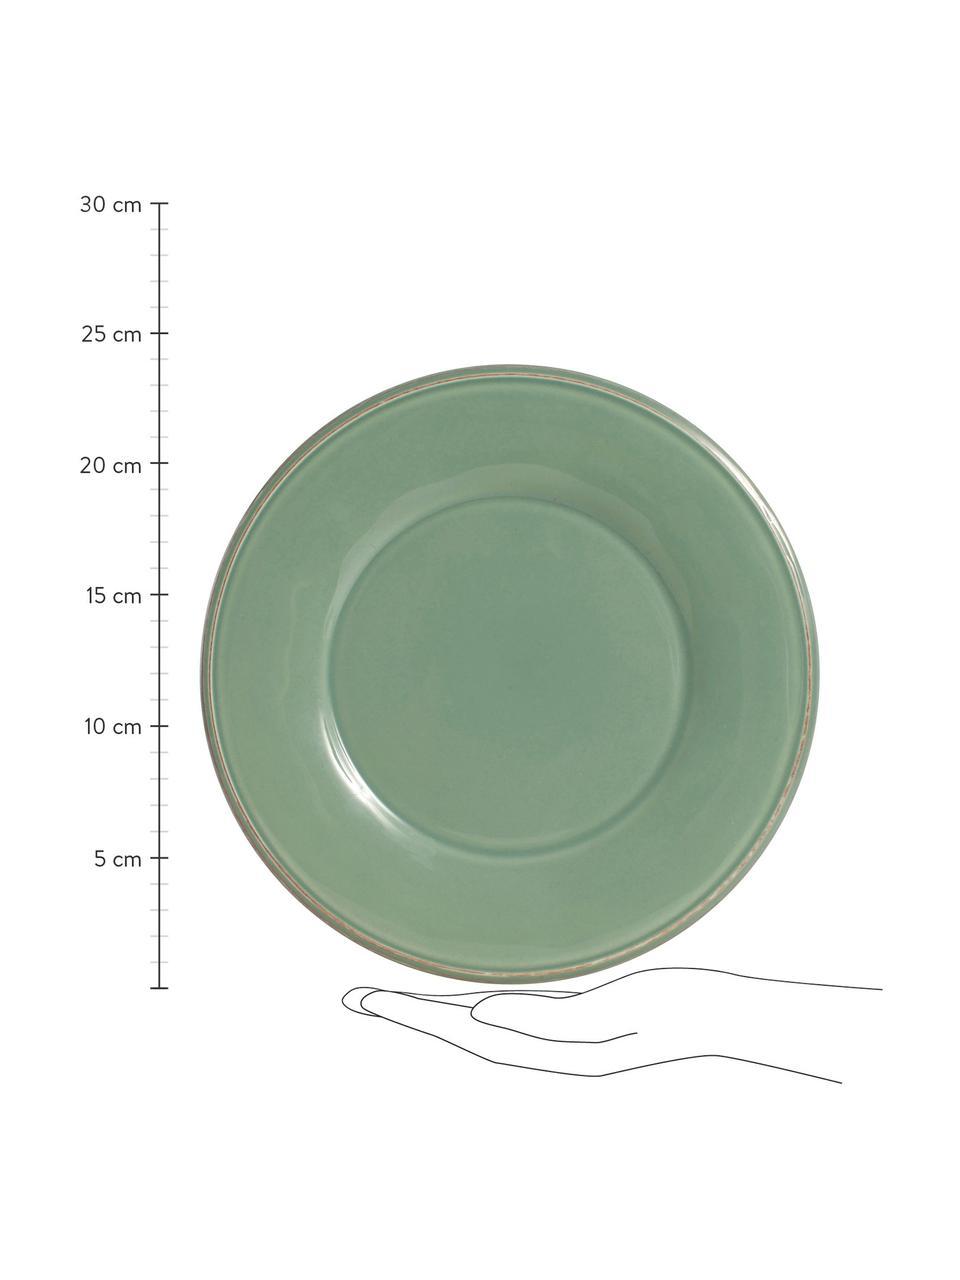 Frühstücksteller Constance im Landhaus Style, 2 Stück, Steingut, Salbeigrün, Ø 24 cm